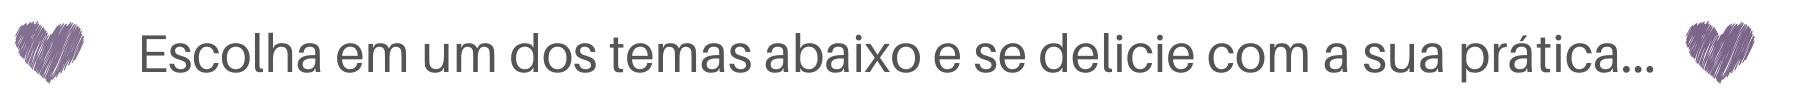 frase para escolher uma dos links